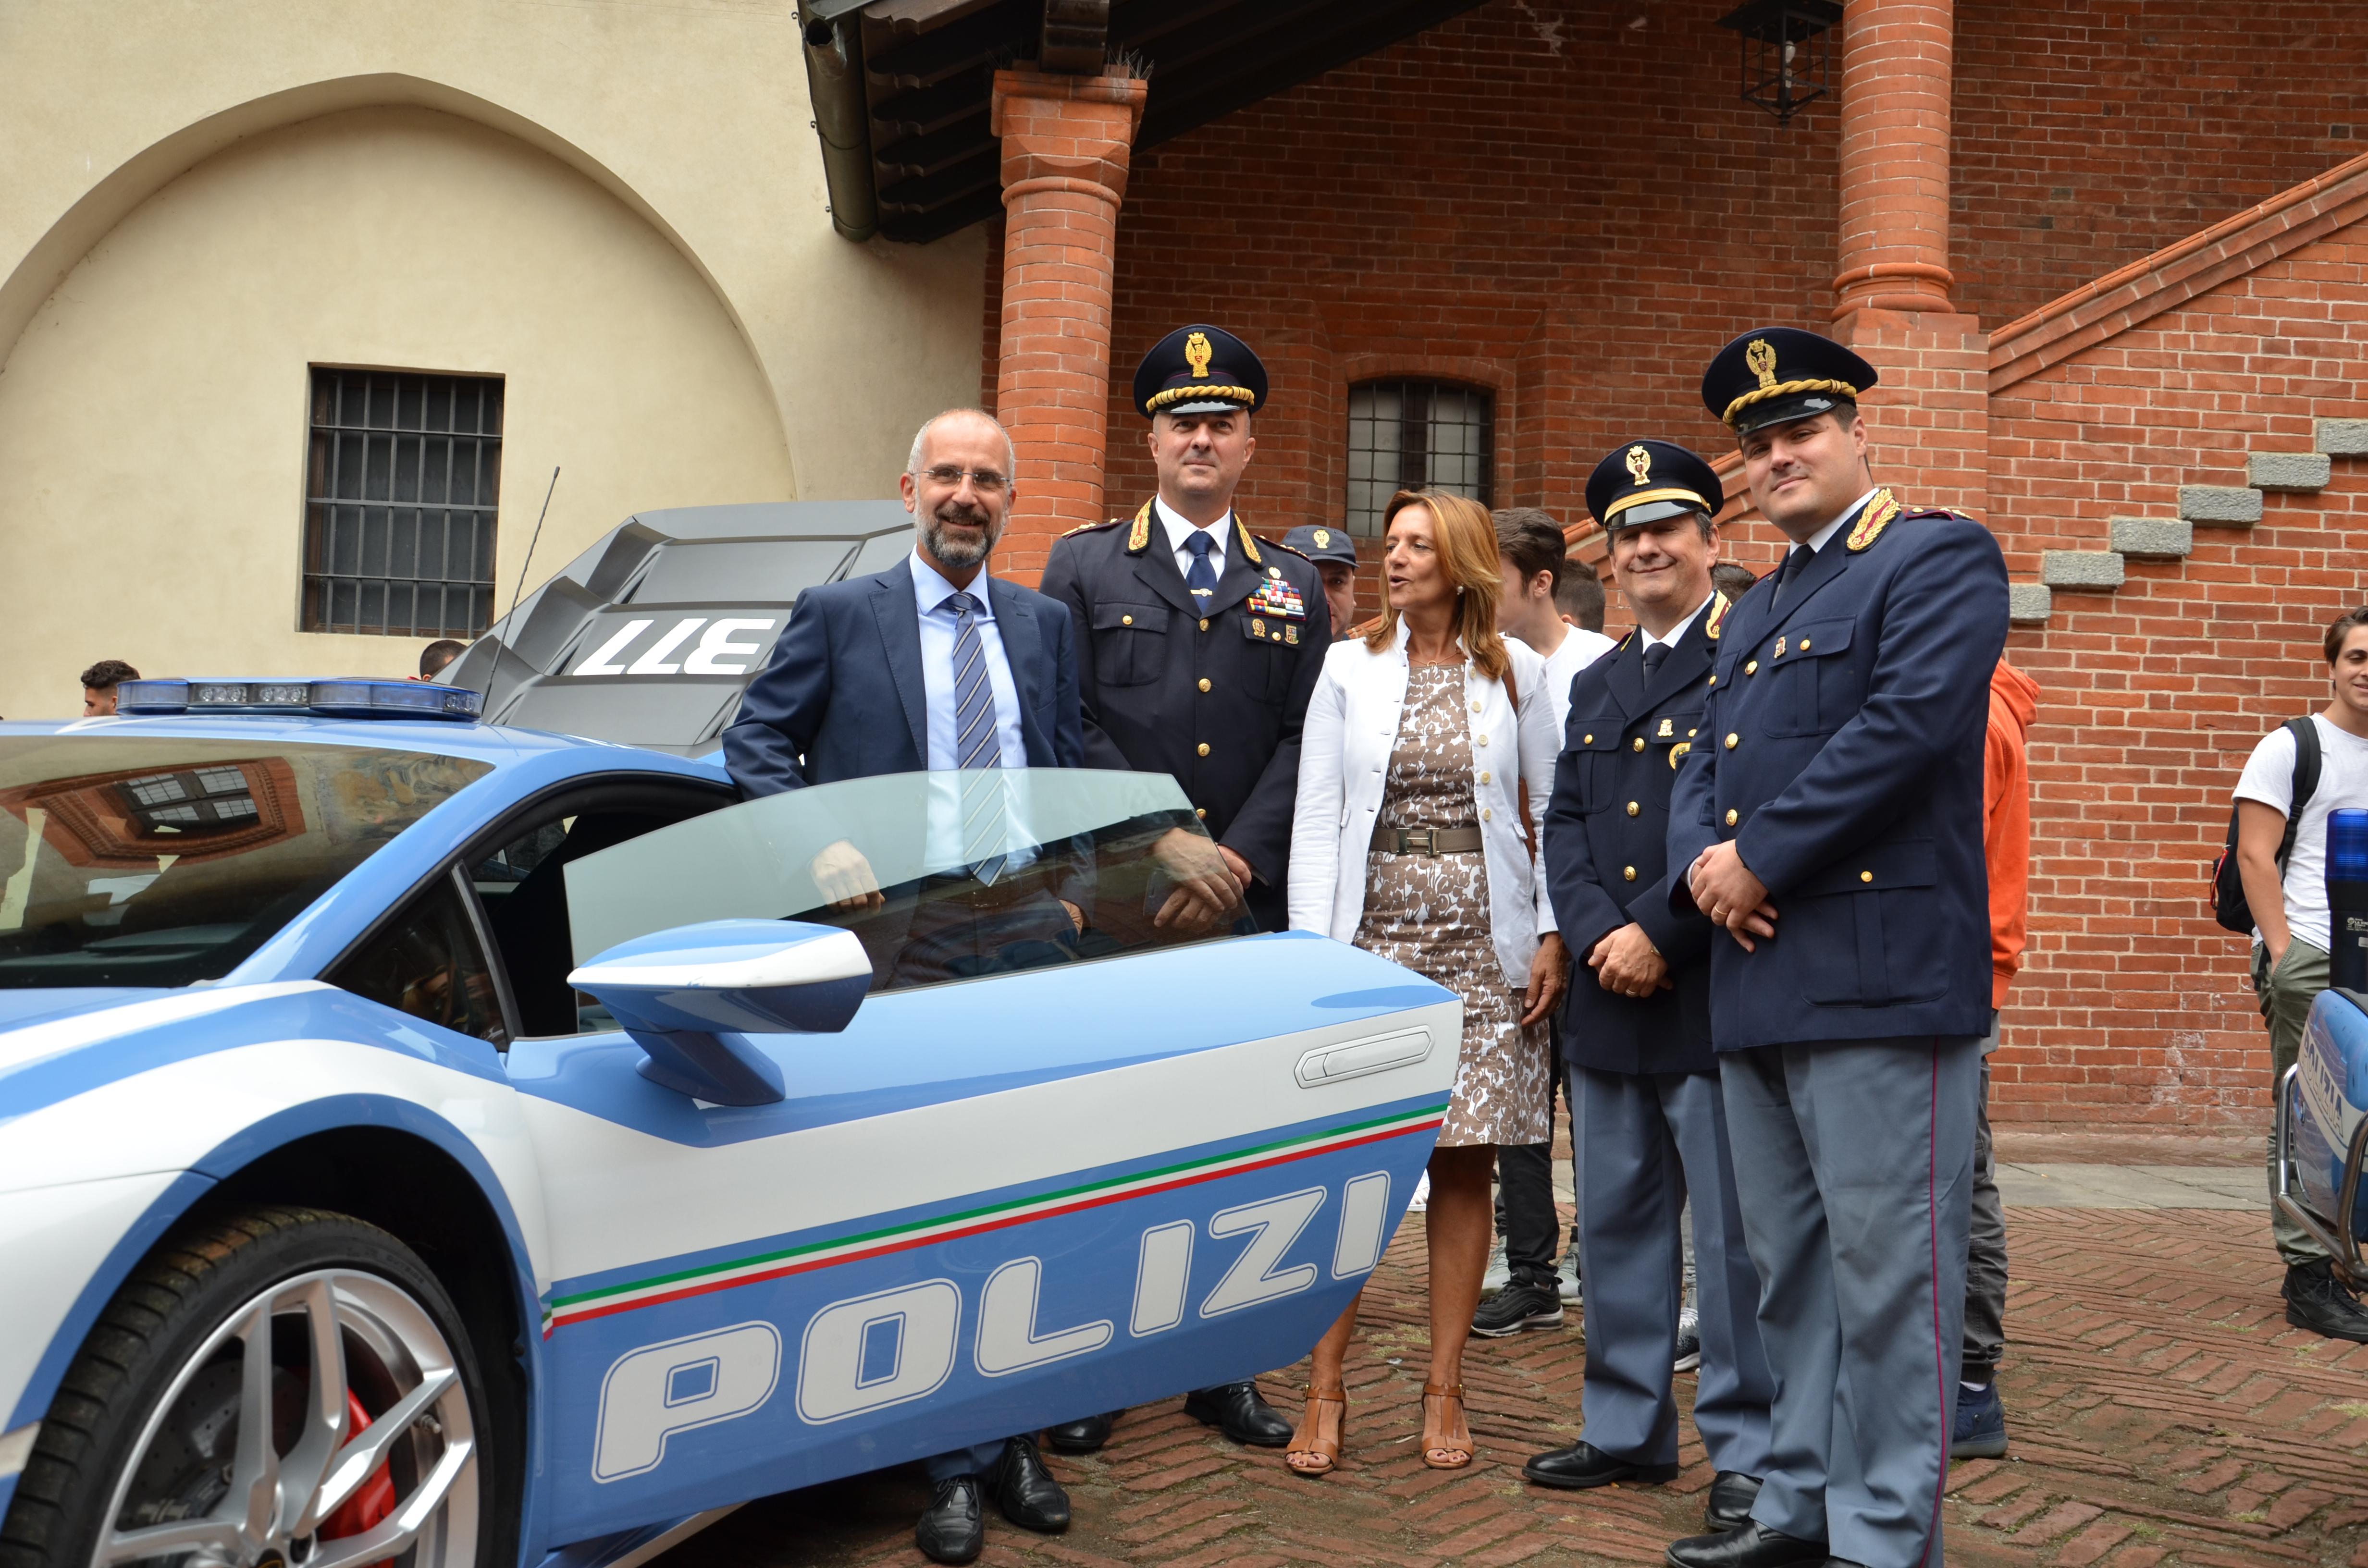 Polizia di Stato - Questure sul web - Novara